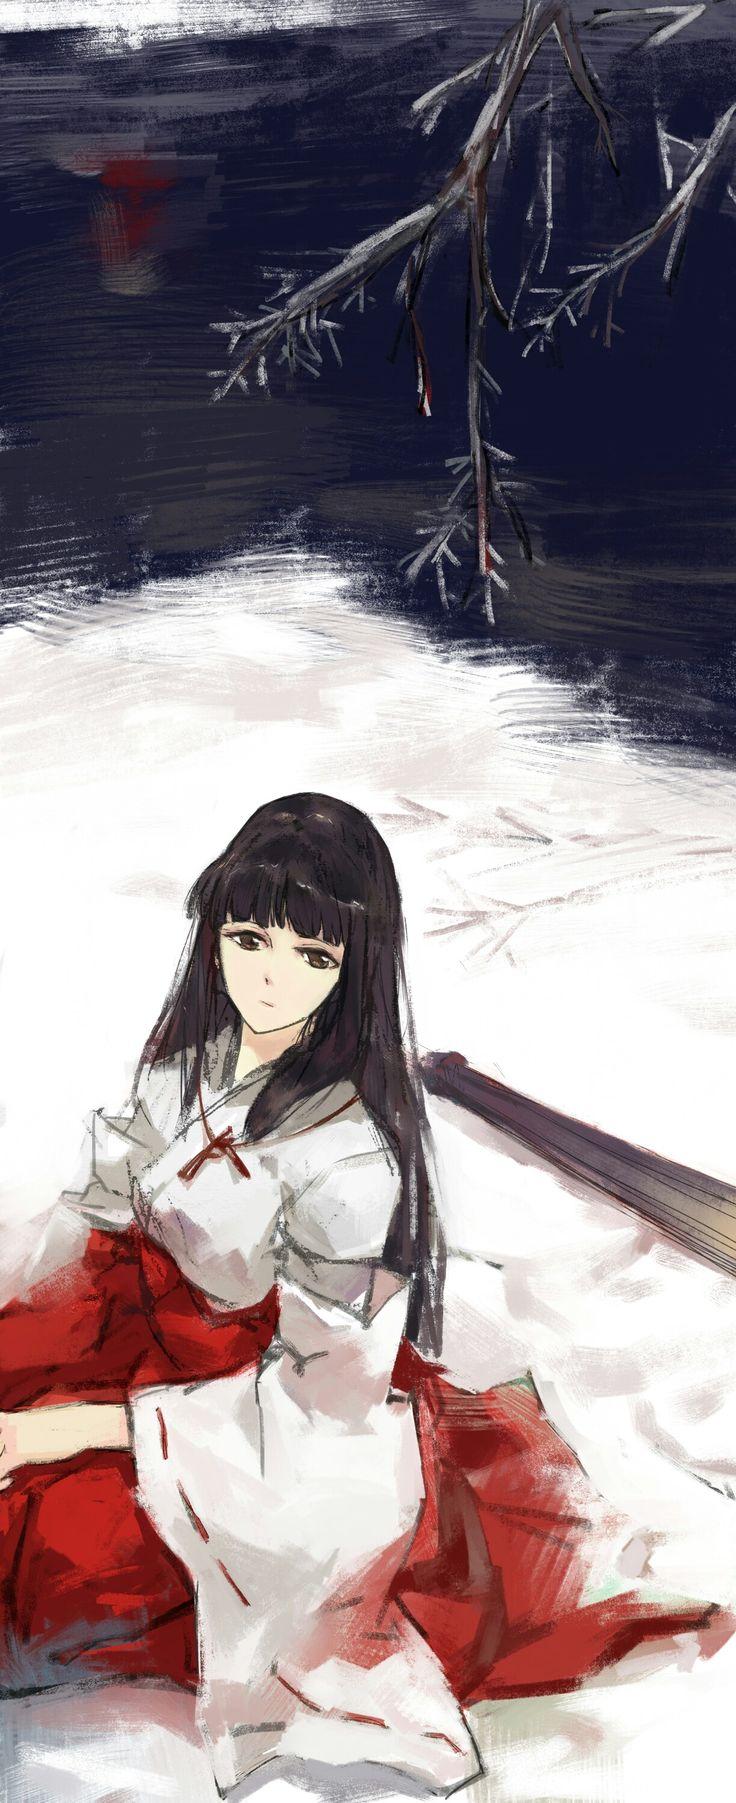 13 best Inuyasha images on Pinterest   Manga anime, Inuyasha and ...